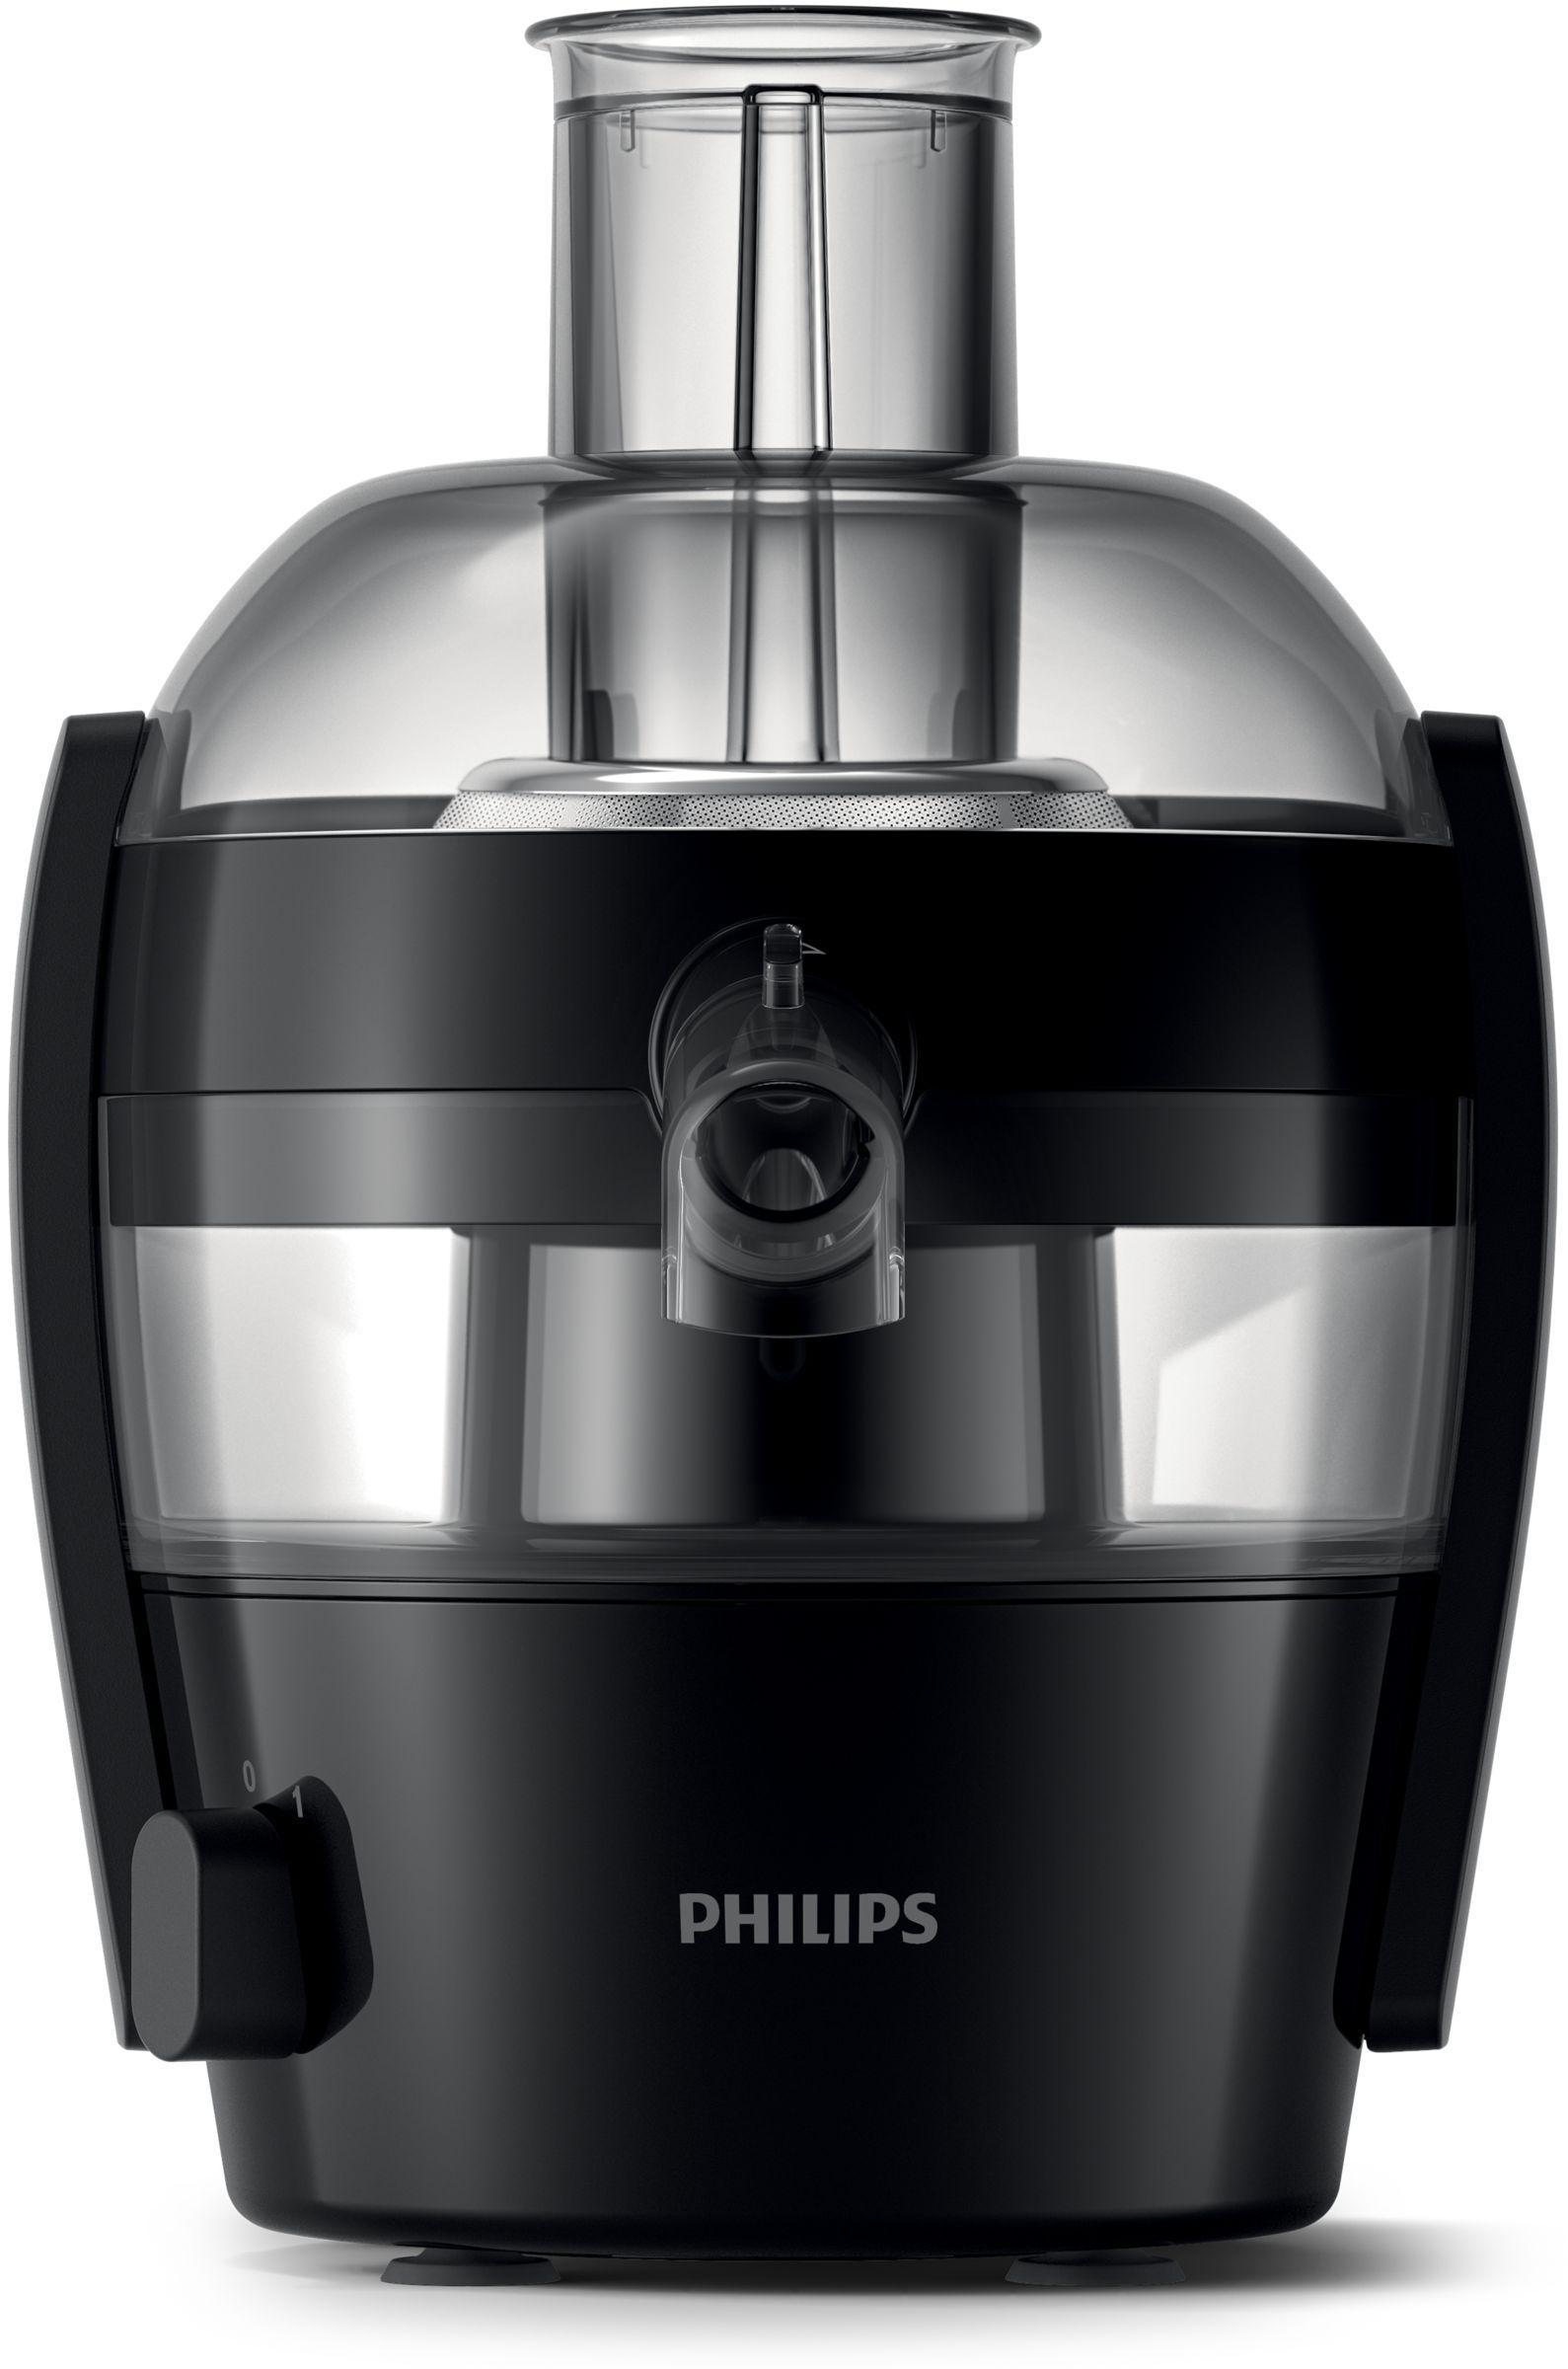 Philips Viva Collection Centrifuga da 400 W, 1,5 l, QuickClean e sistema antigoccia